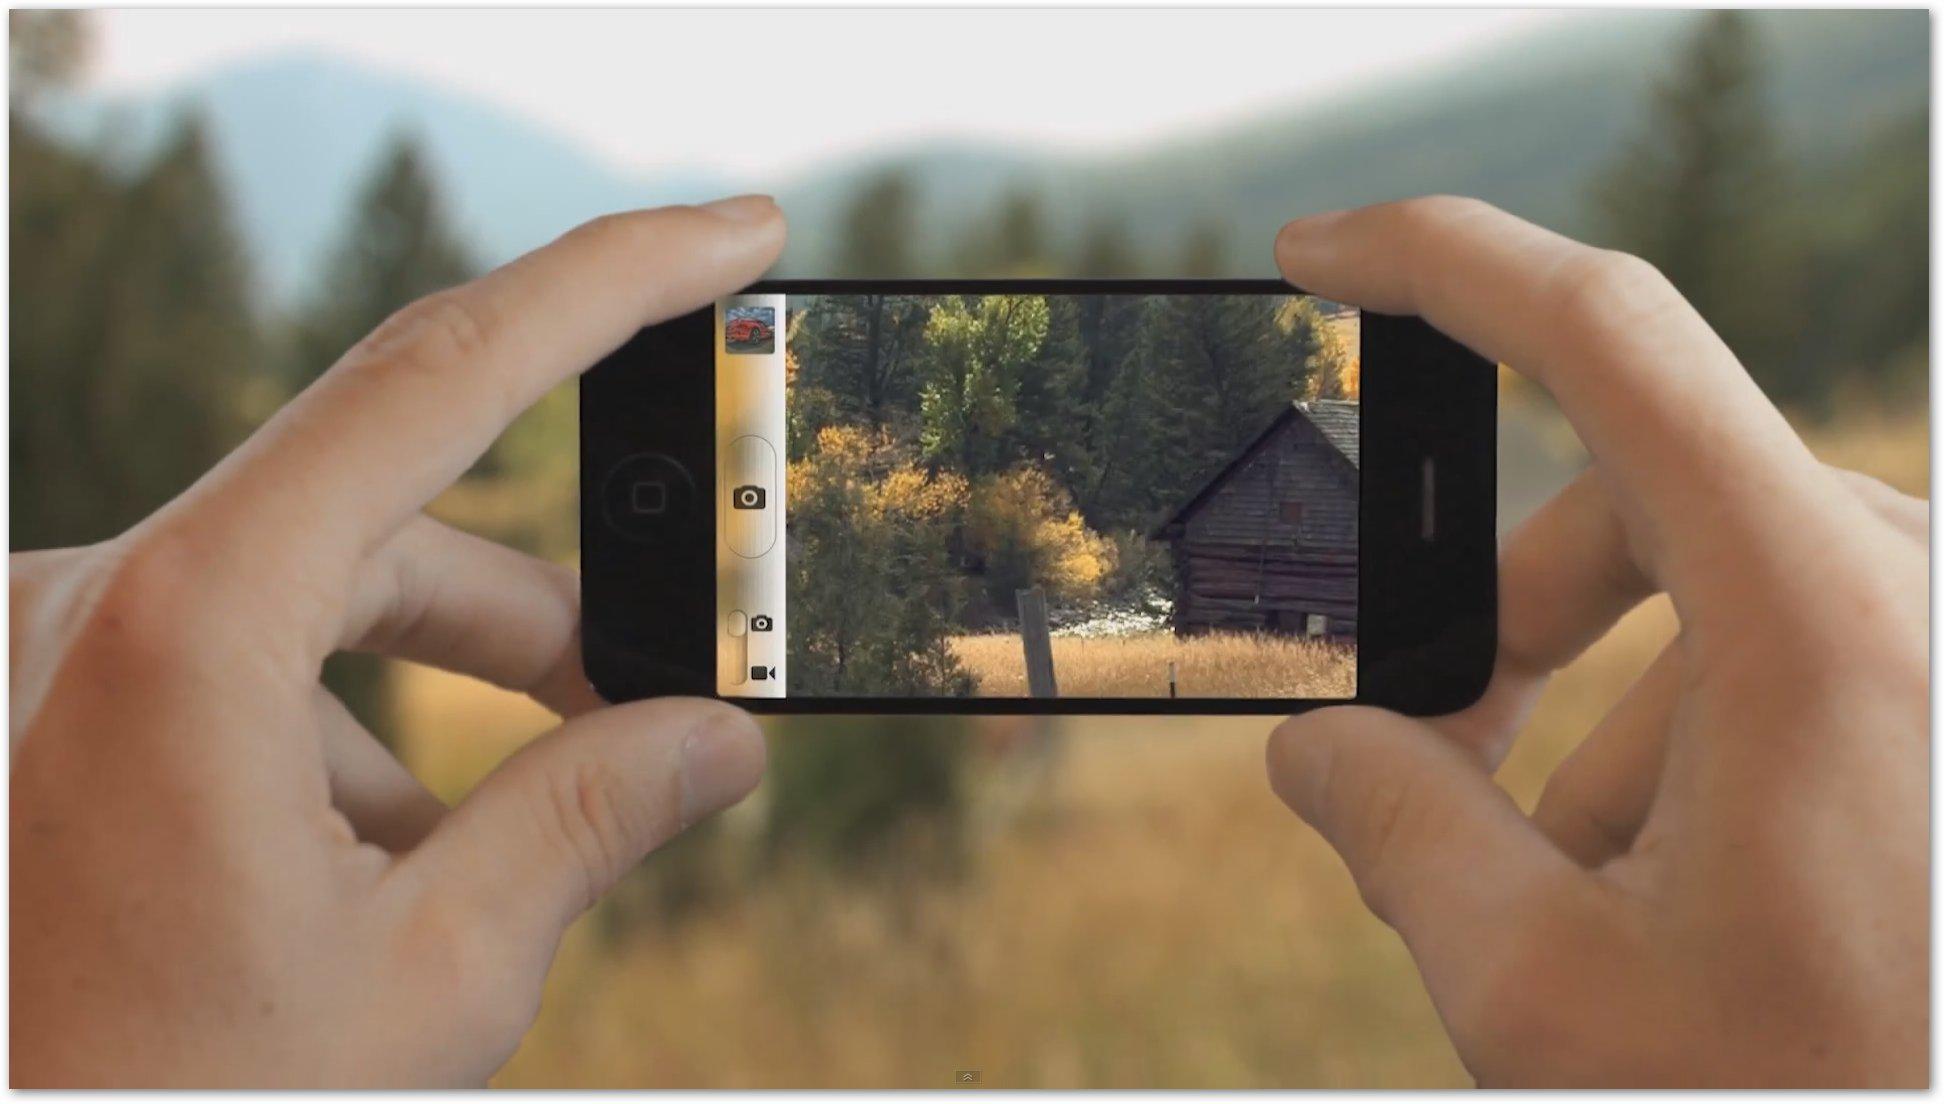 как правильно фотографировать на телефоне престиж